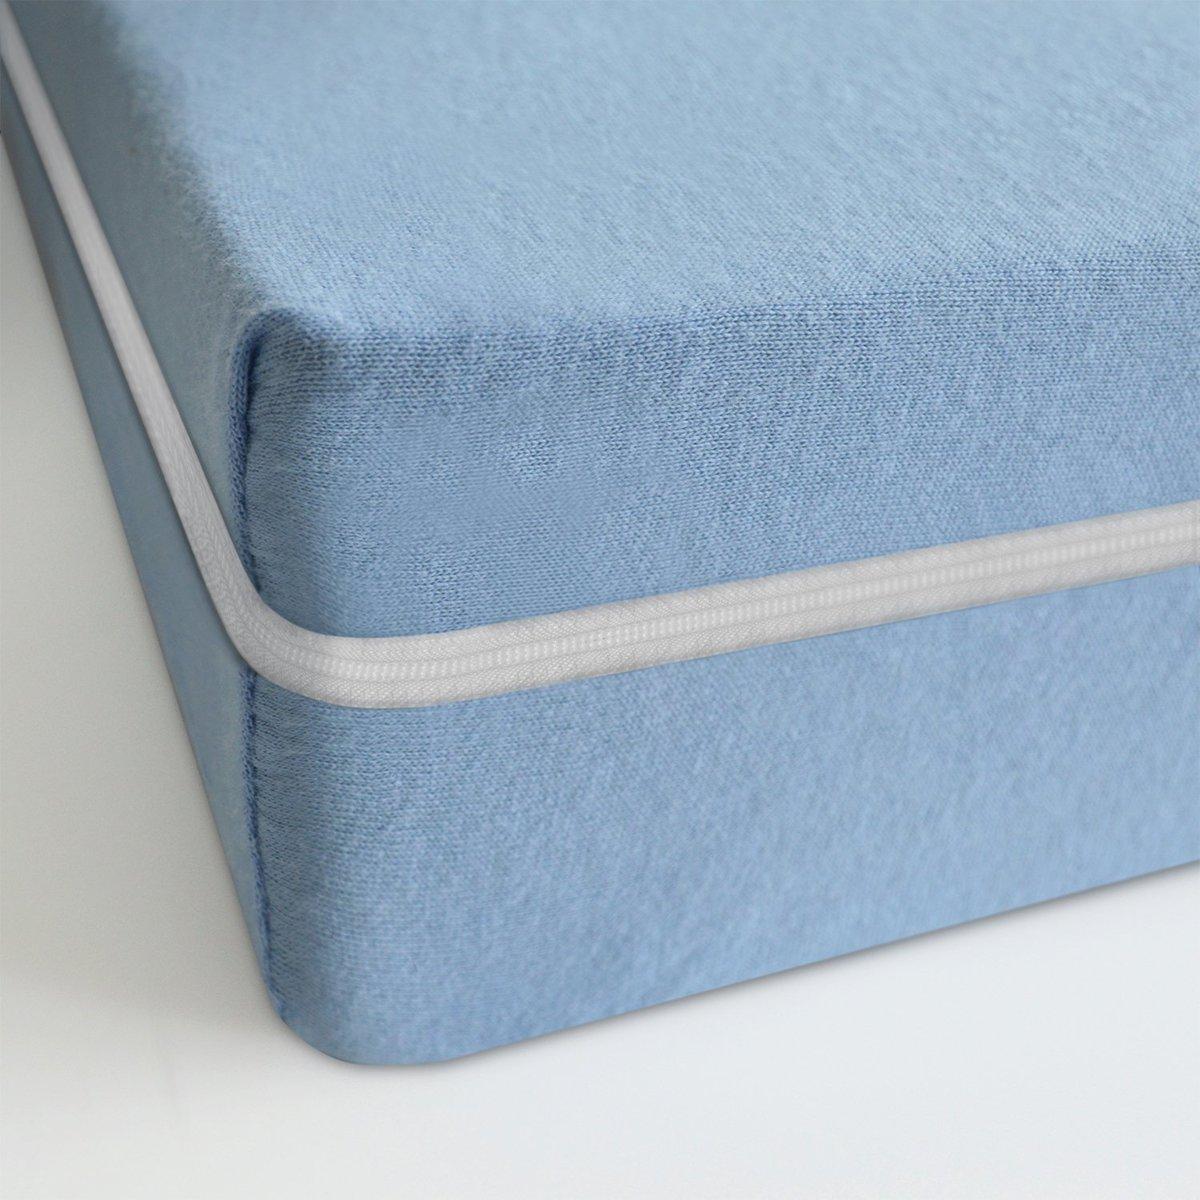 Matras - 100x200 - comfortschuim - goedkope matras - blauw